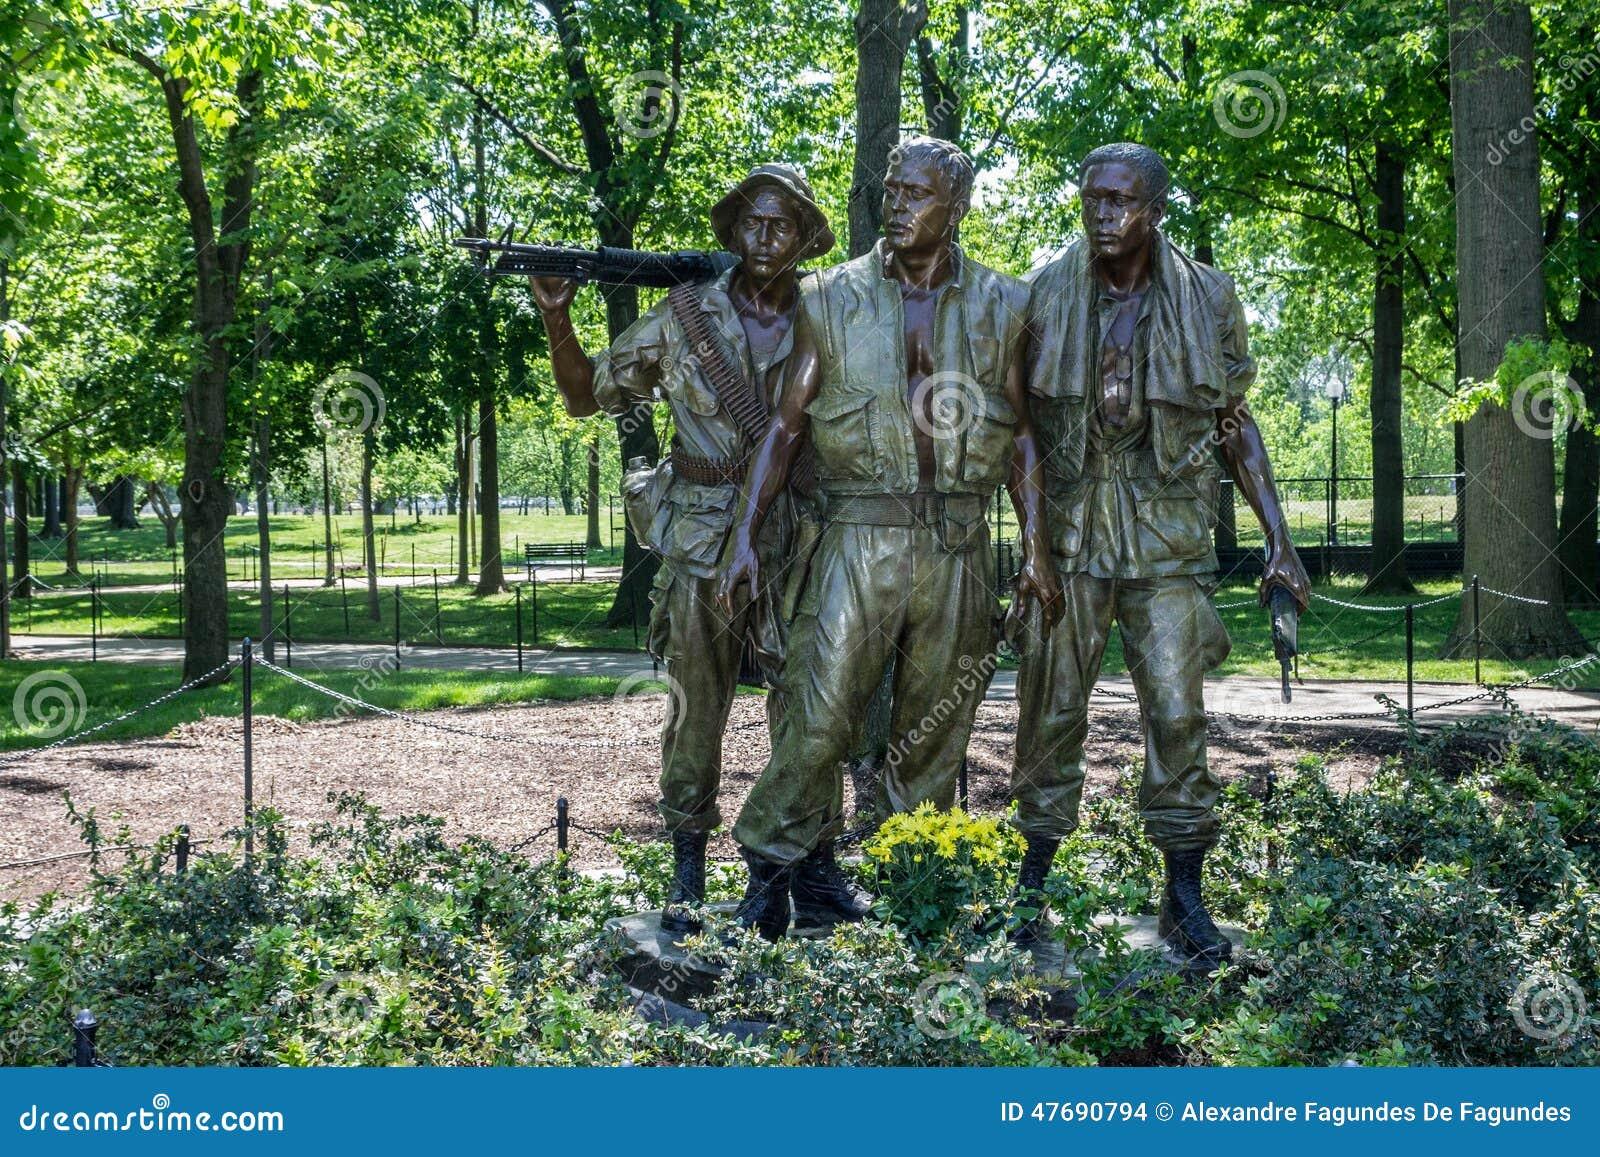 the purpose of the vietnam veterans memorials